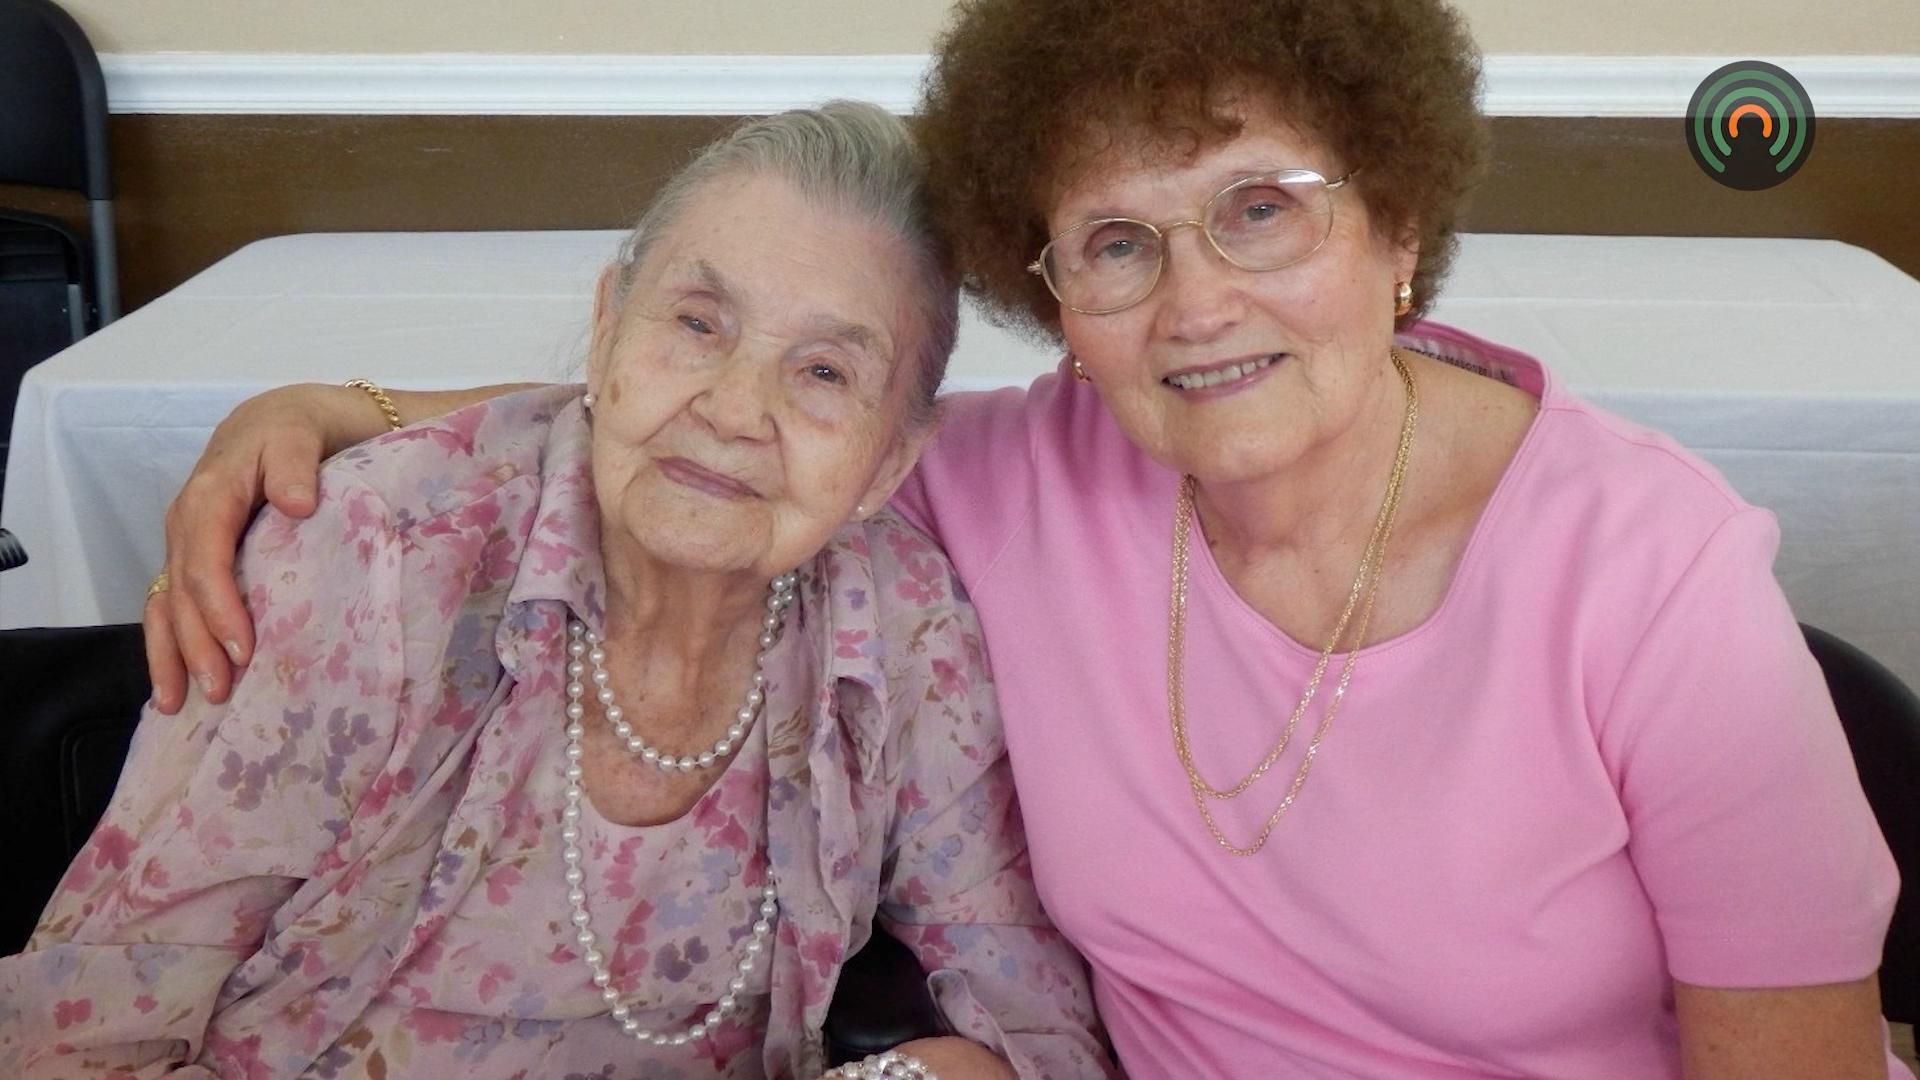 Floyd County's Goldie Conn dies at 111